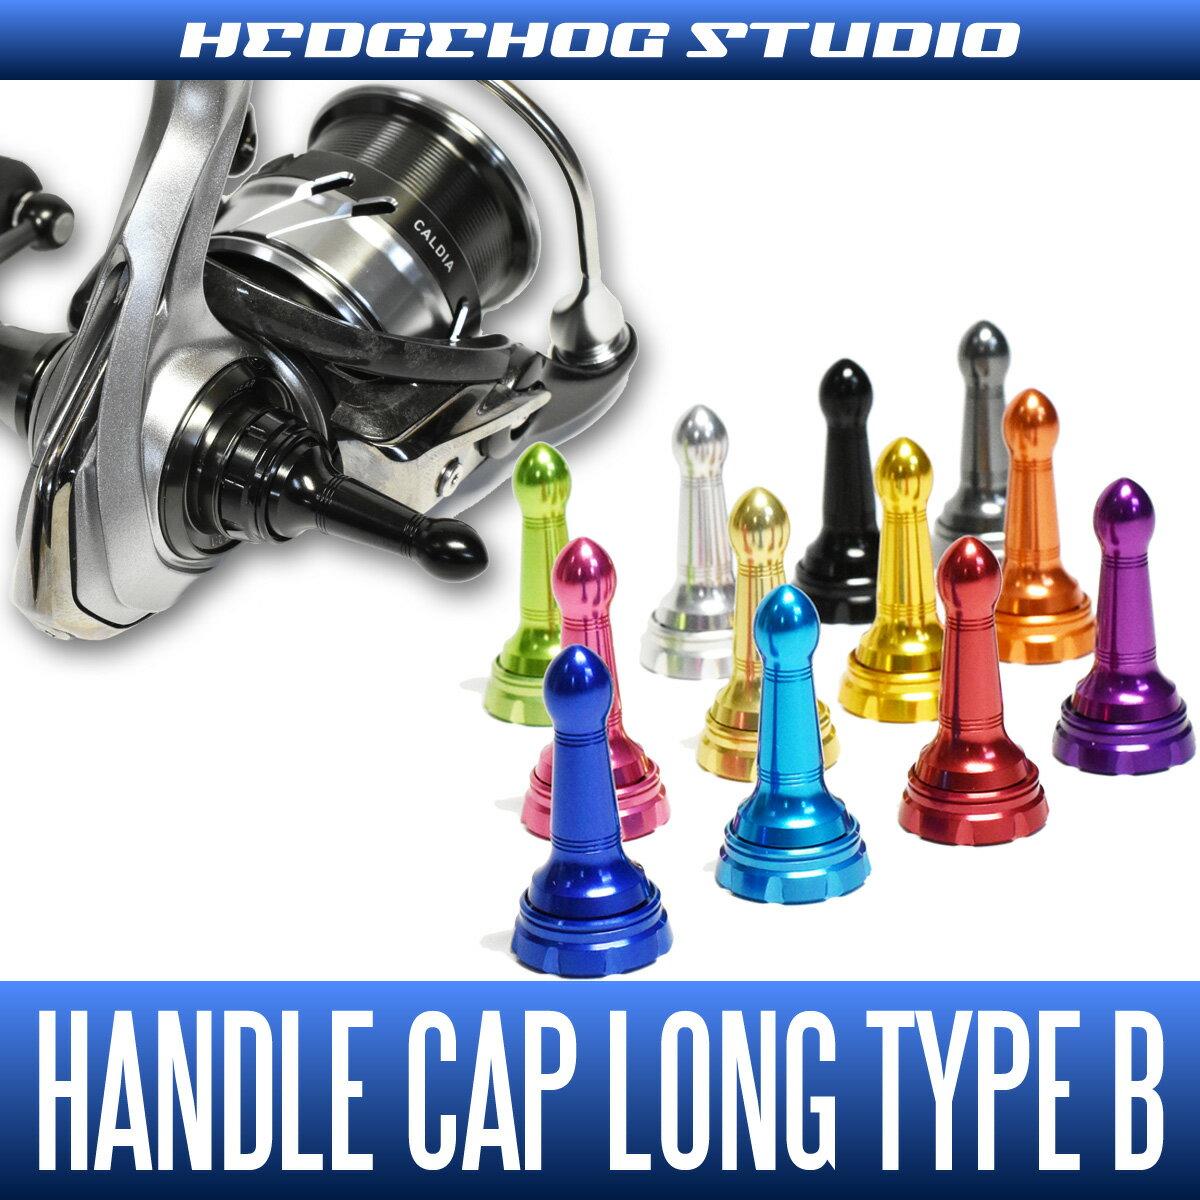 【HEDGEHOG STUDIO/ヘッジホッグスタジオ】18カルディア対応 ハンドルスクリューキャップ 【ロングタイプ】 【HLC-SD-B】